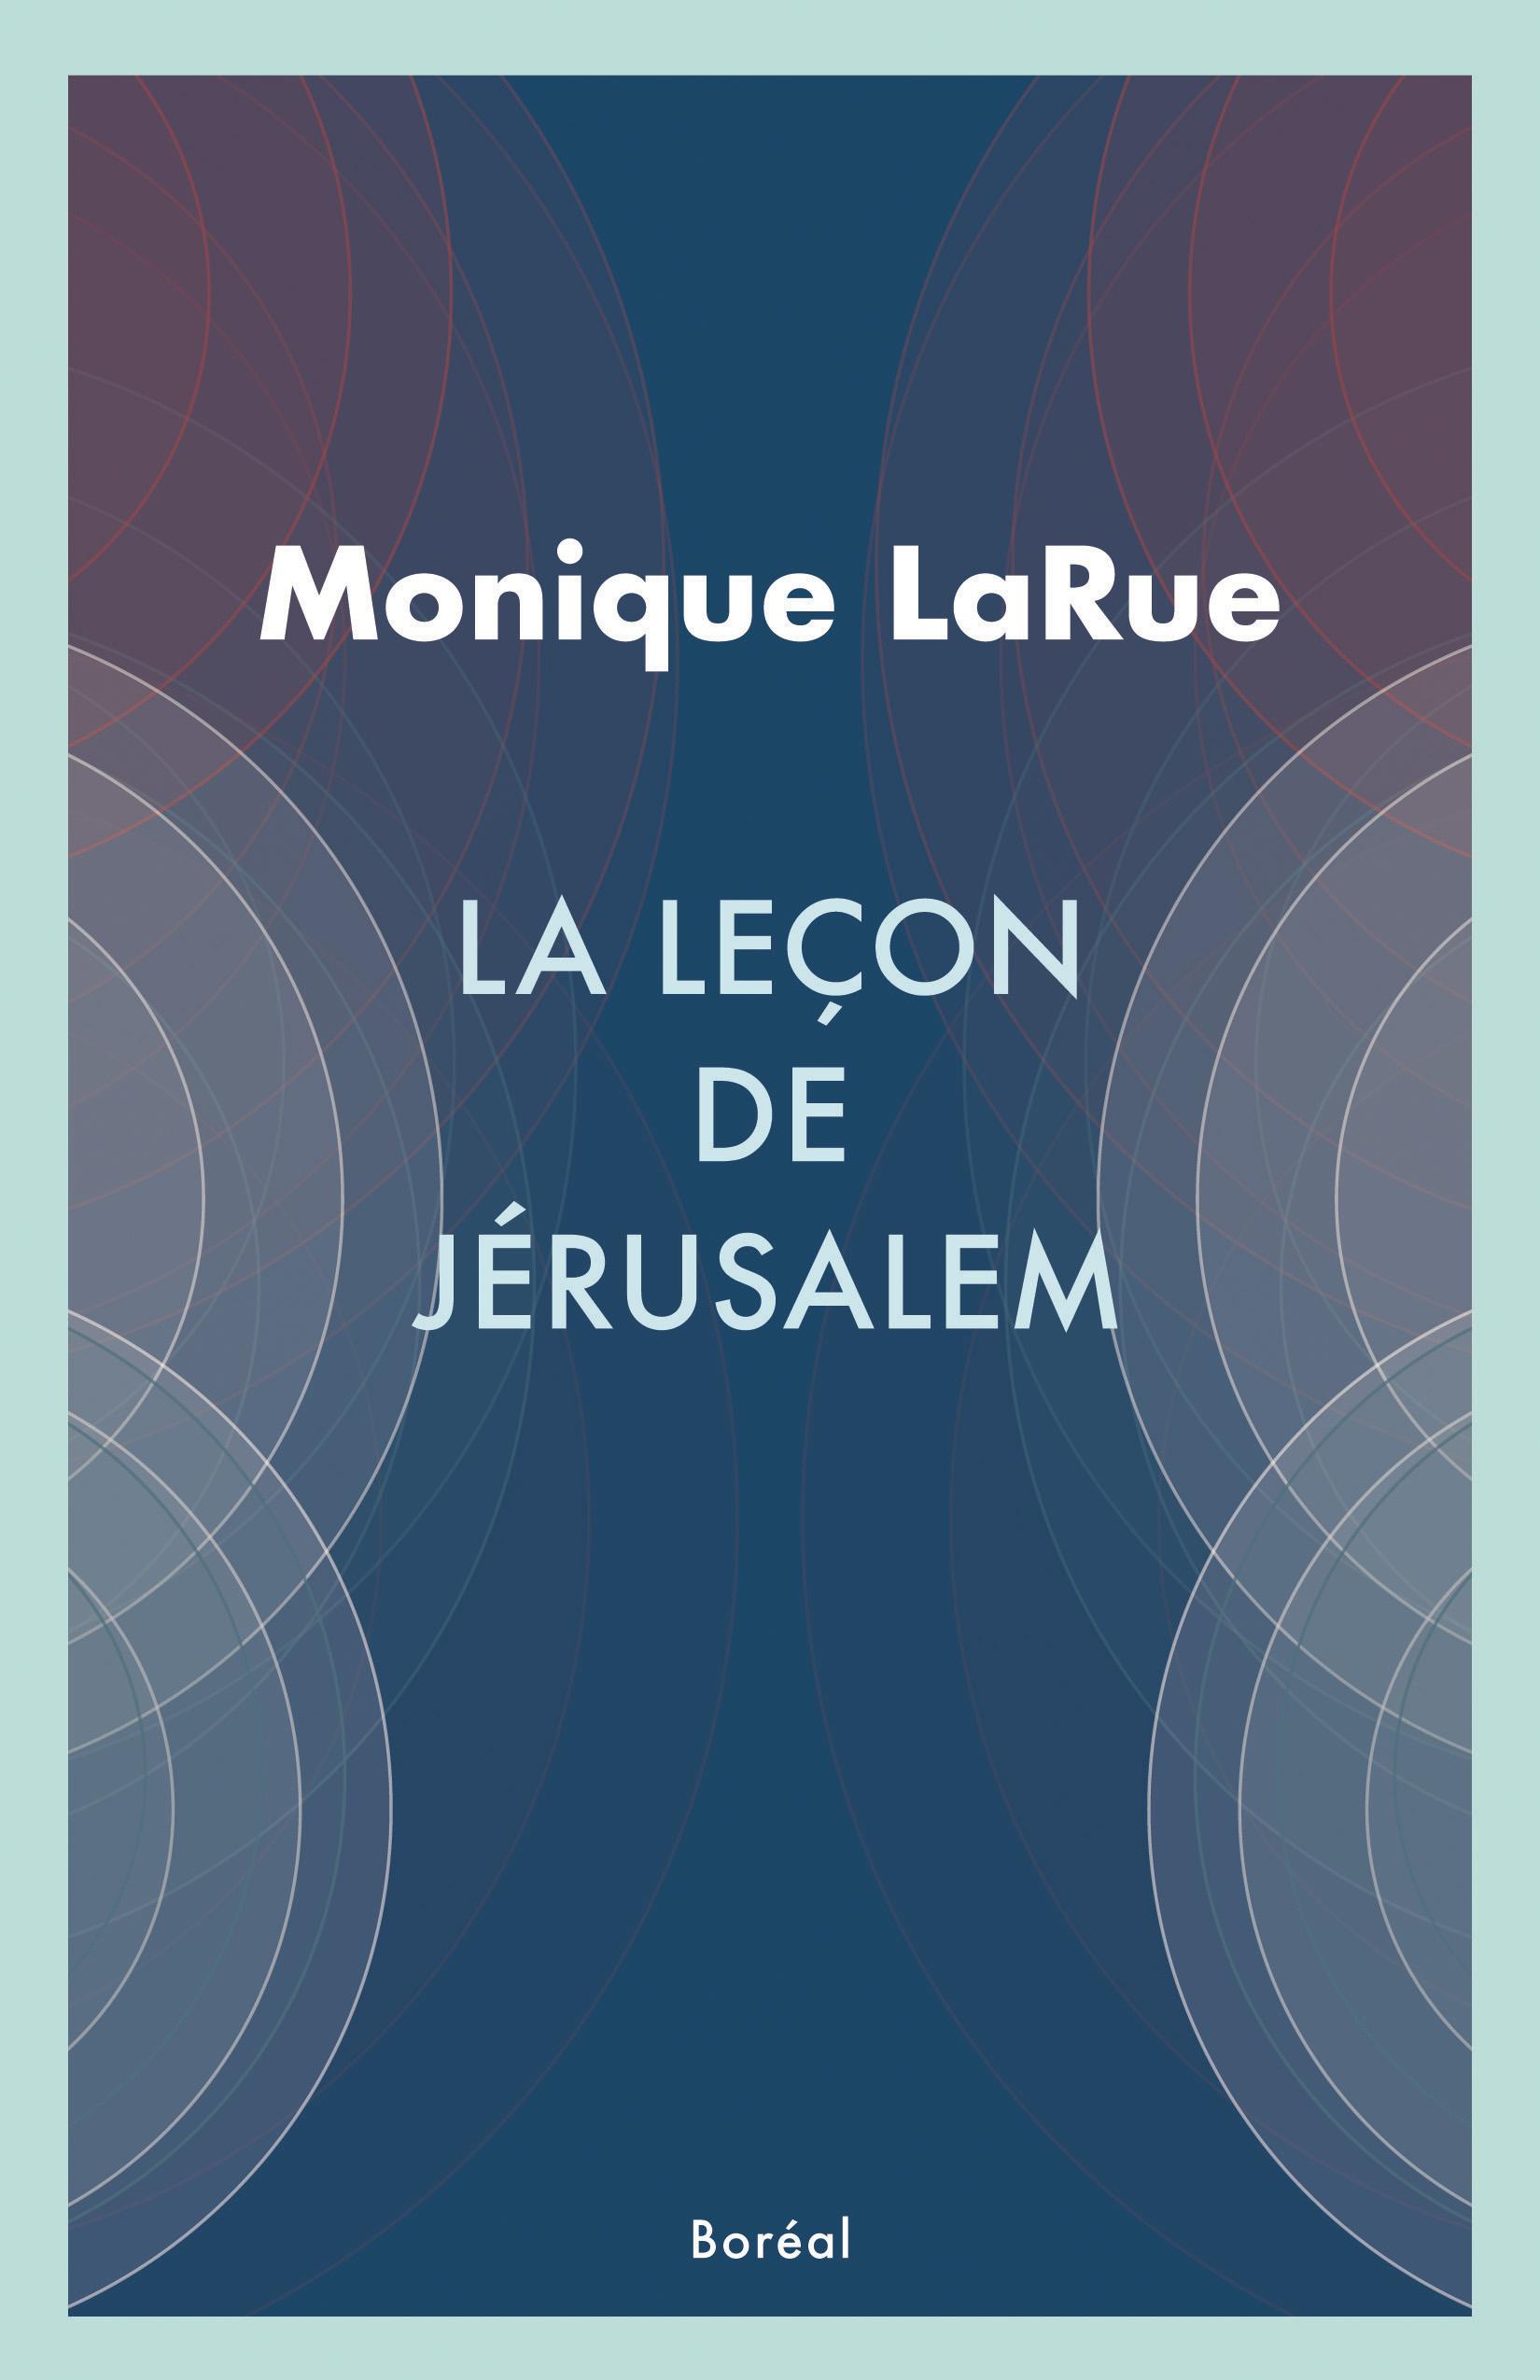 La Leçon de Jérusalem